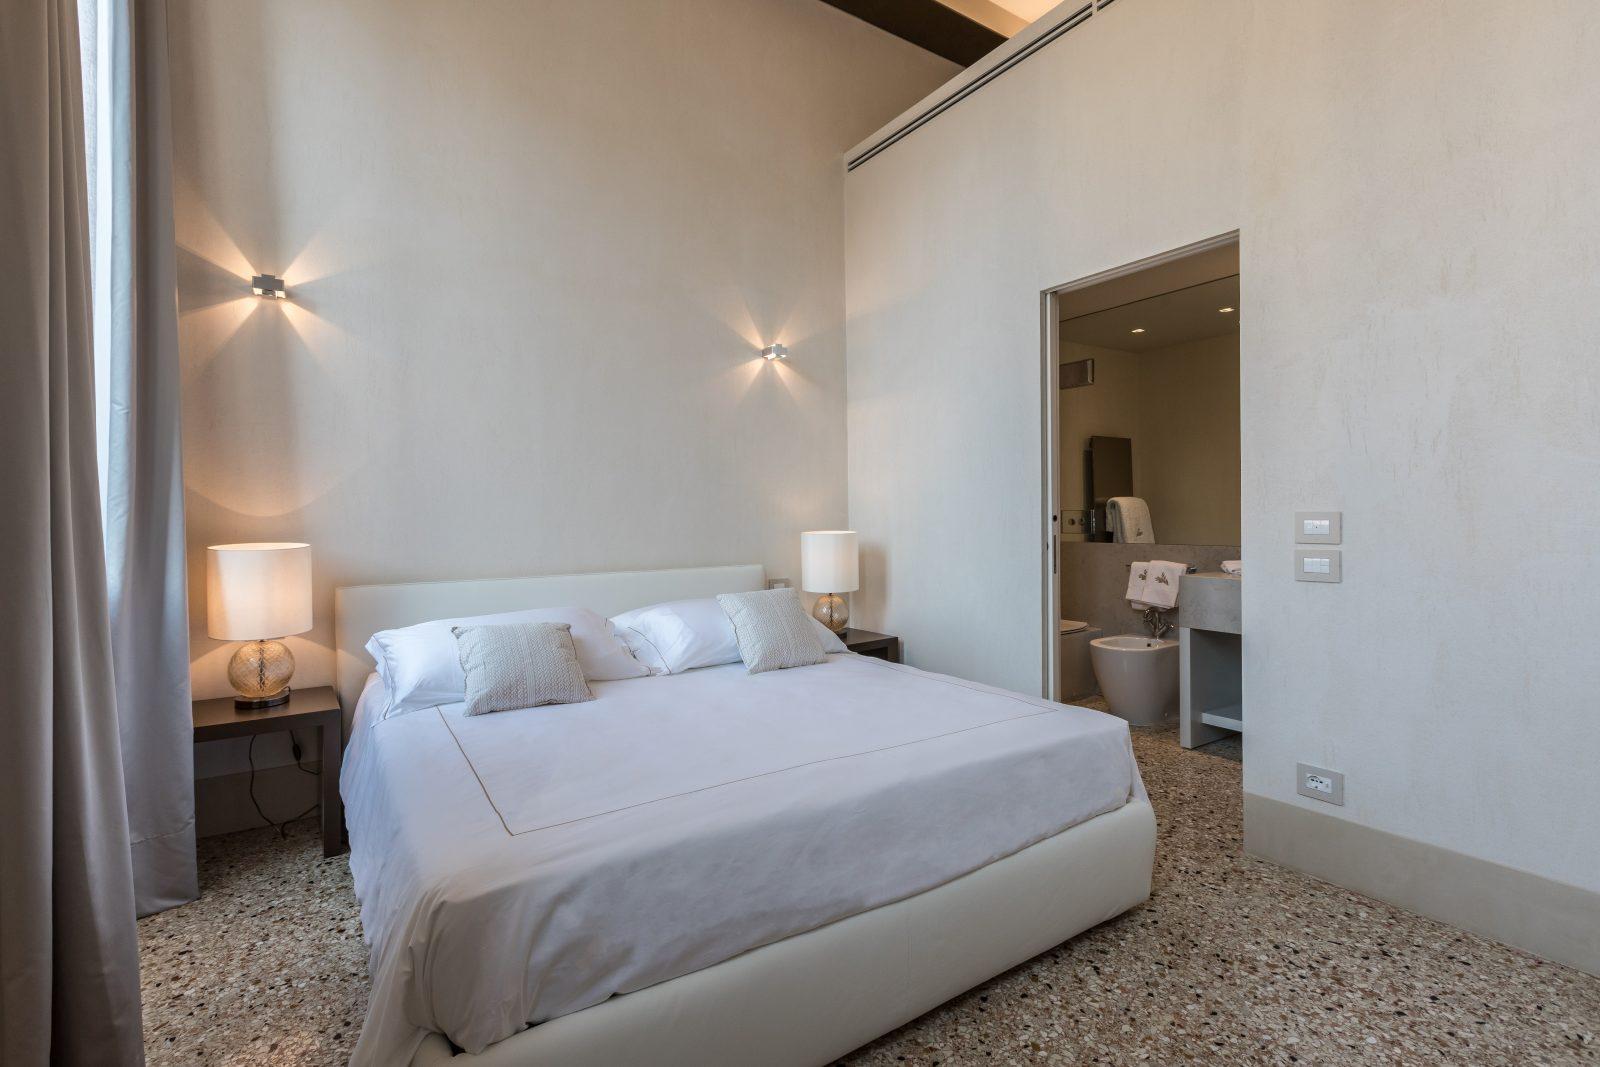 camera-matrimoniale-appartamento-ginepro-lampade-bagno-venezia-palazzo-morosini